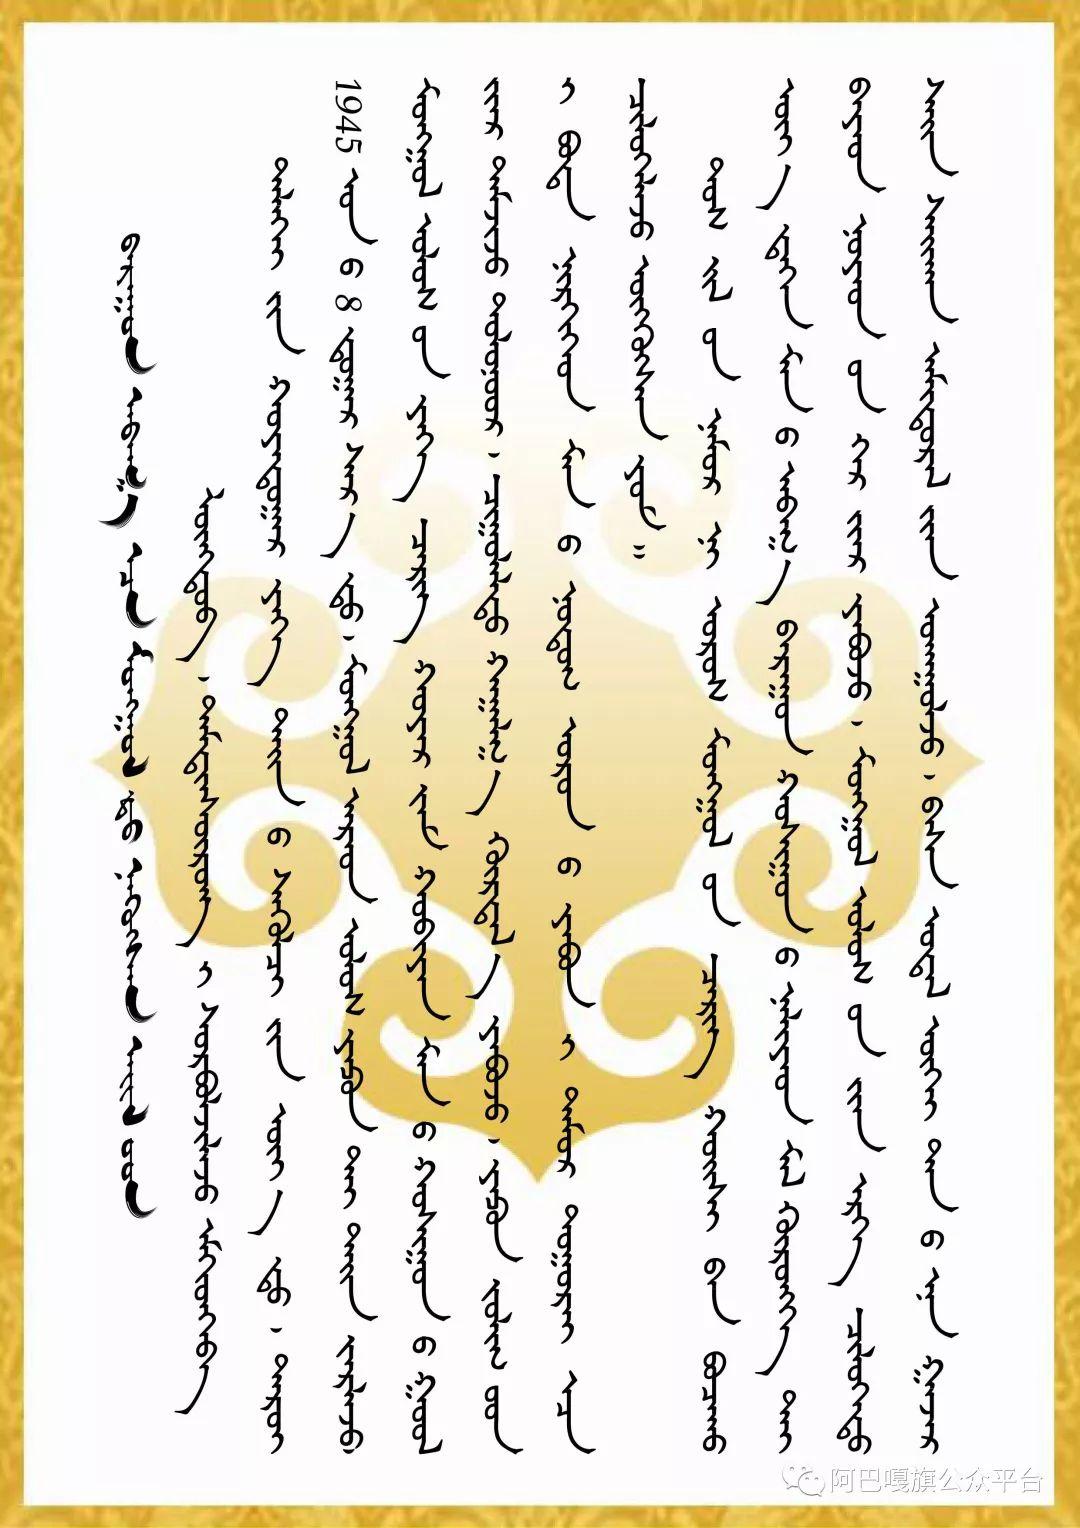 【历史·人物】从阿巴嘎右旗北迁蒙古国的牧户 第1张 【历史·人物】从阿巴嘎右旗北迁蒙古国的牧户 蒙古文化